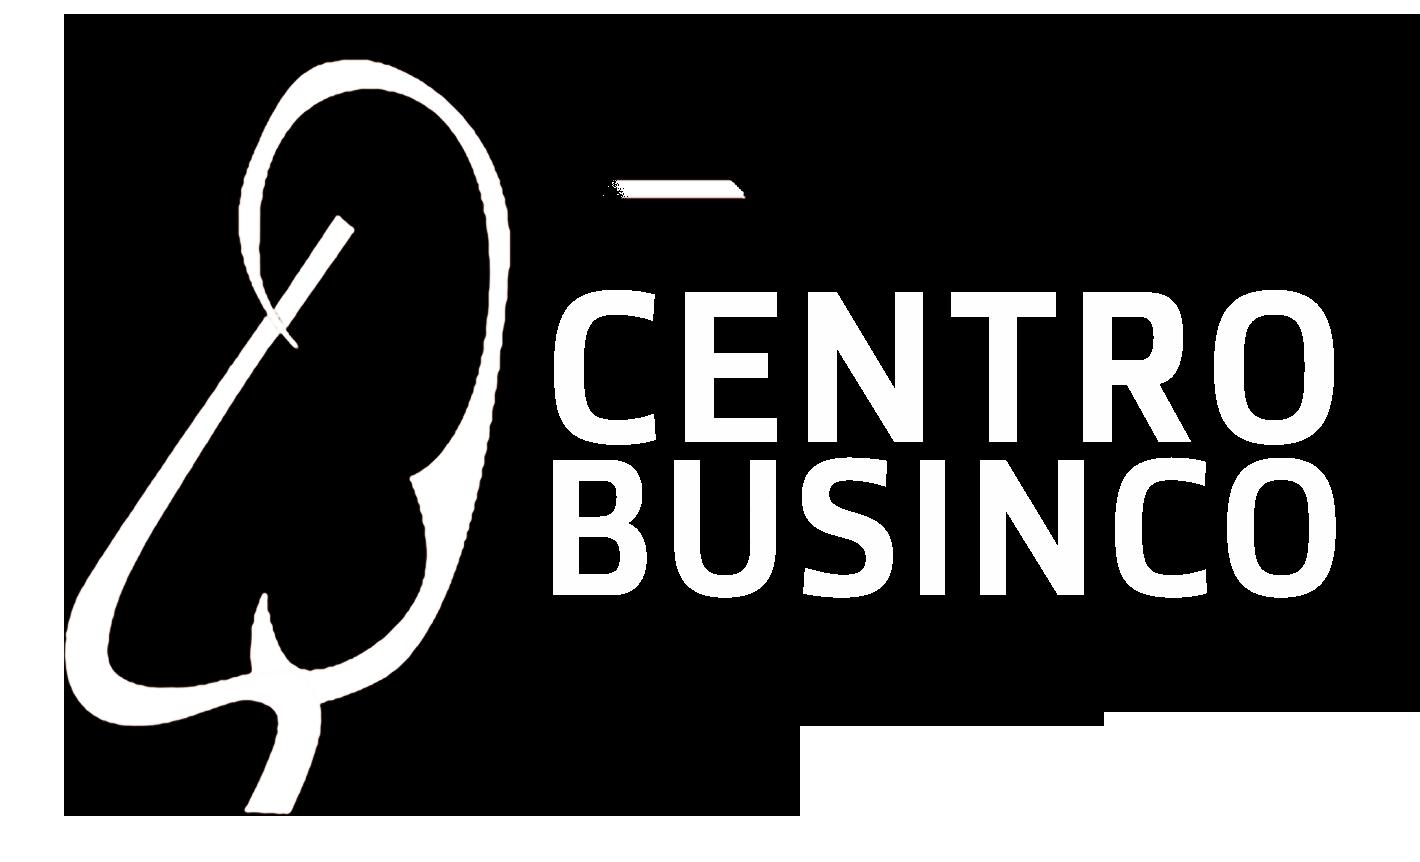 Centro Businco